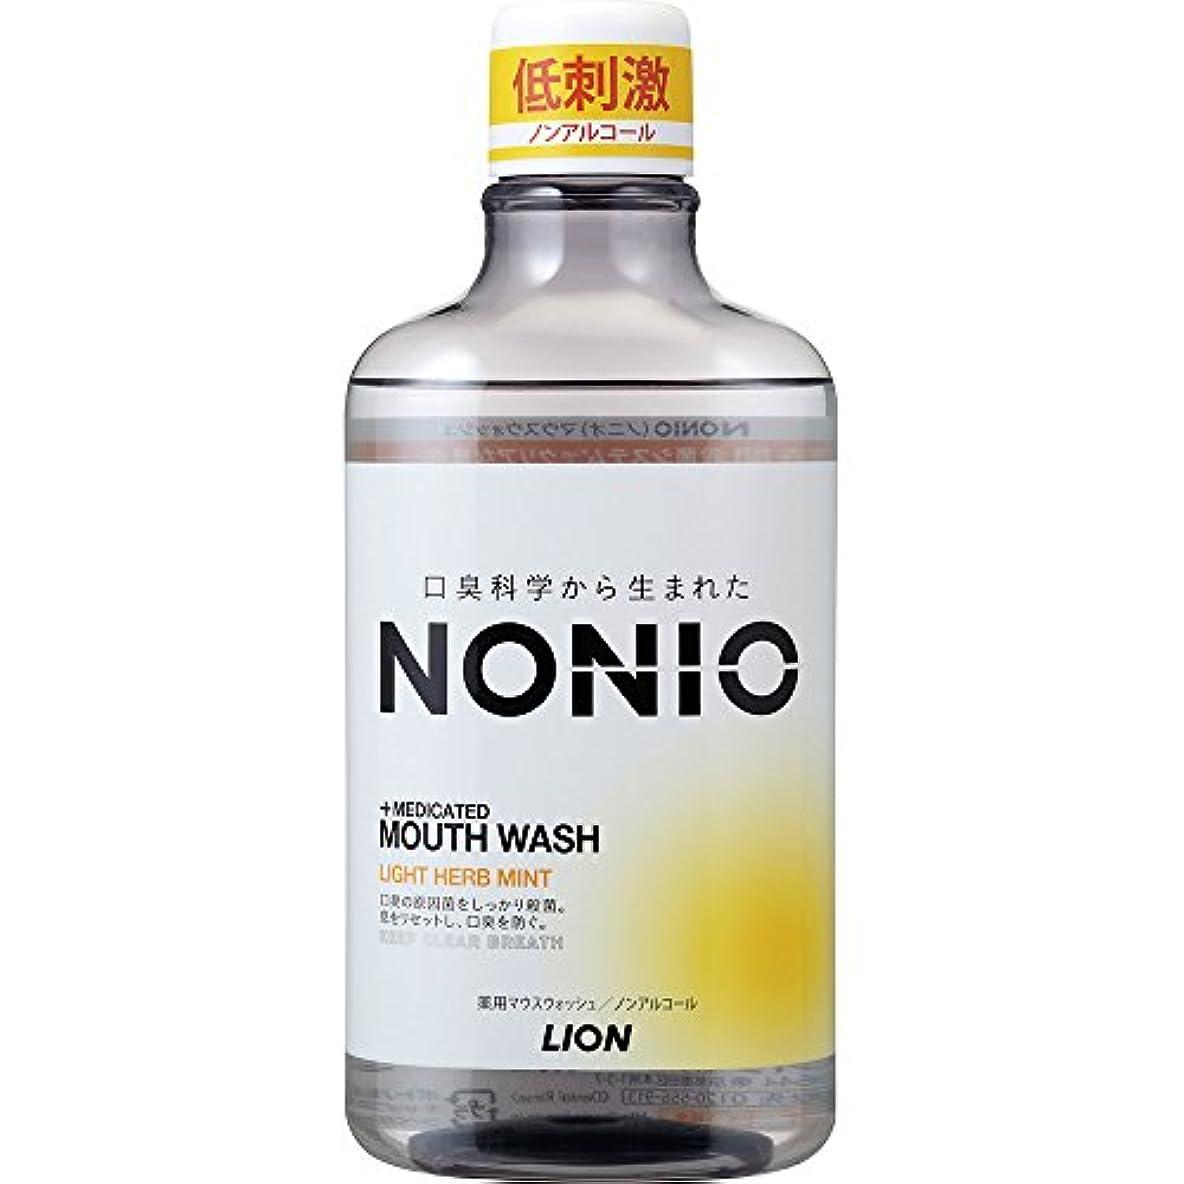 付録癒す作動するNONIO マウスウォッシュ ノンアルコール ライトハーブミント 600ml 洗口液 (医薬部外品)